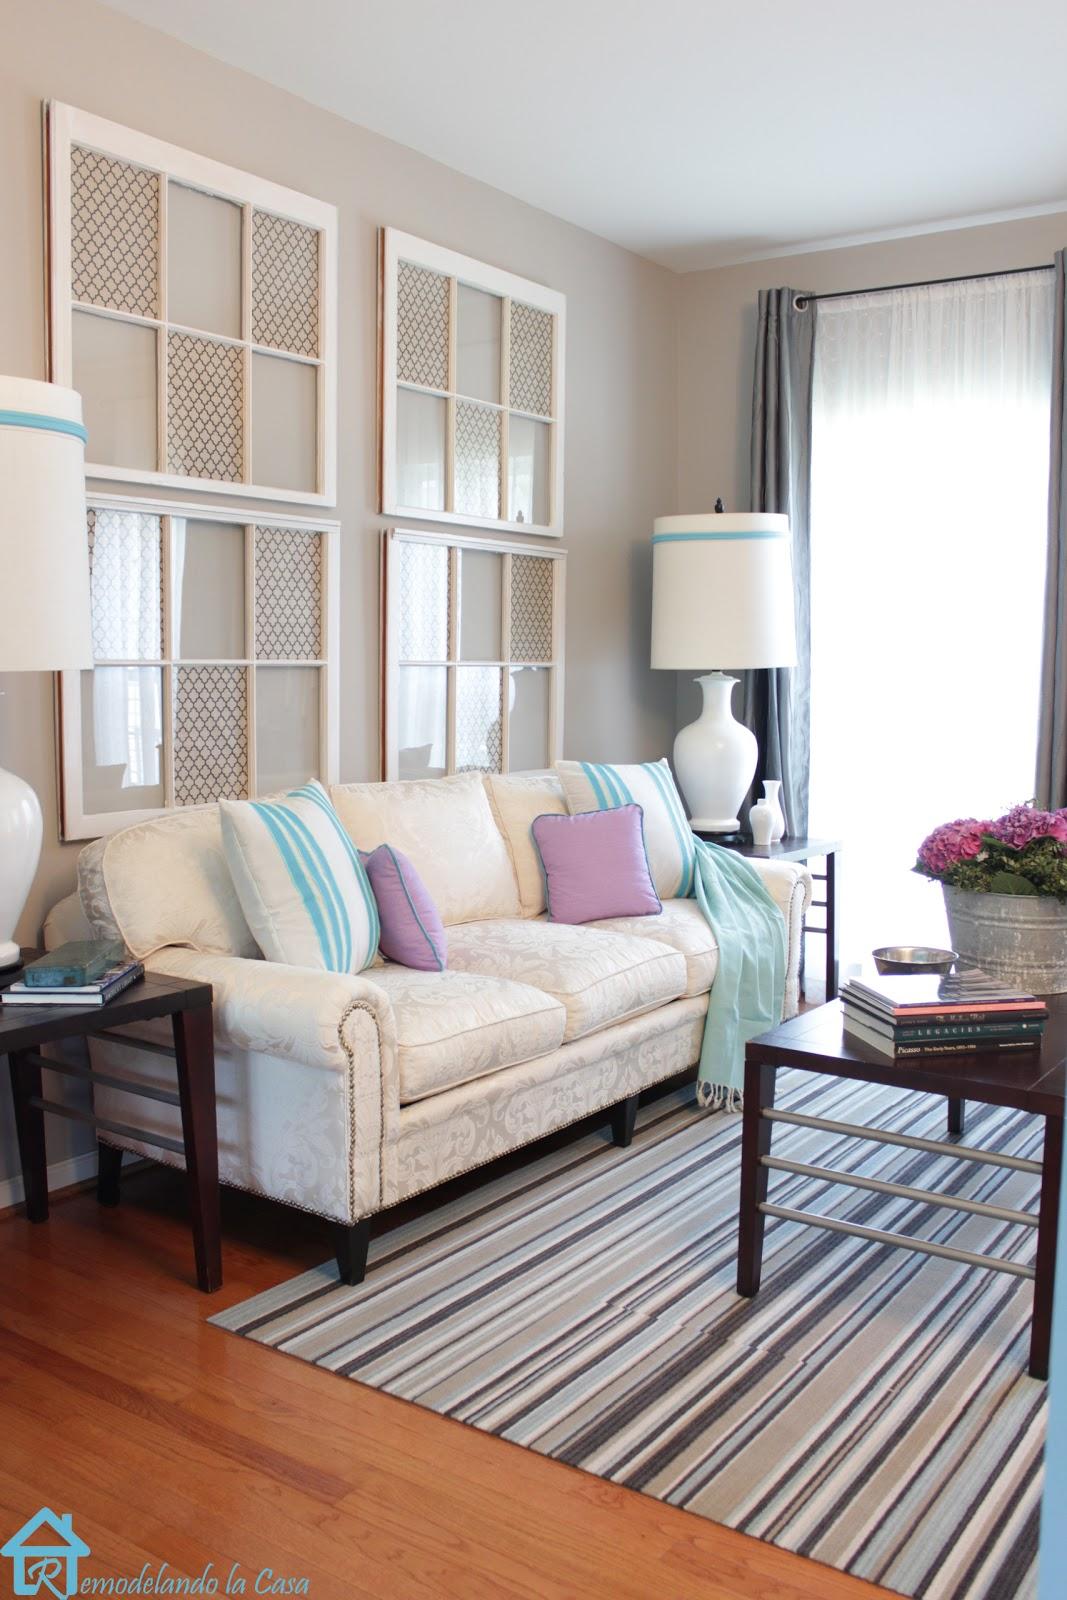 Decorating with Old Windows - Remodelando la Casa